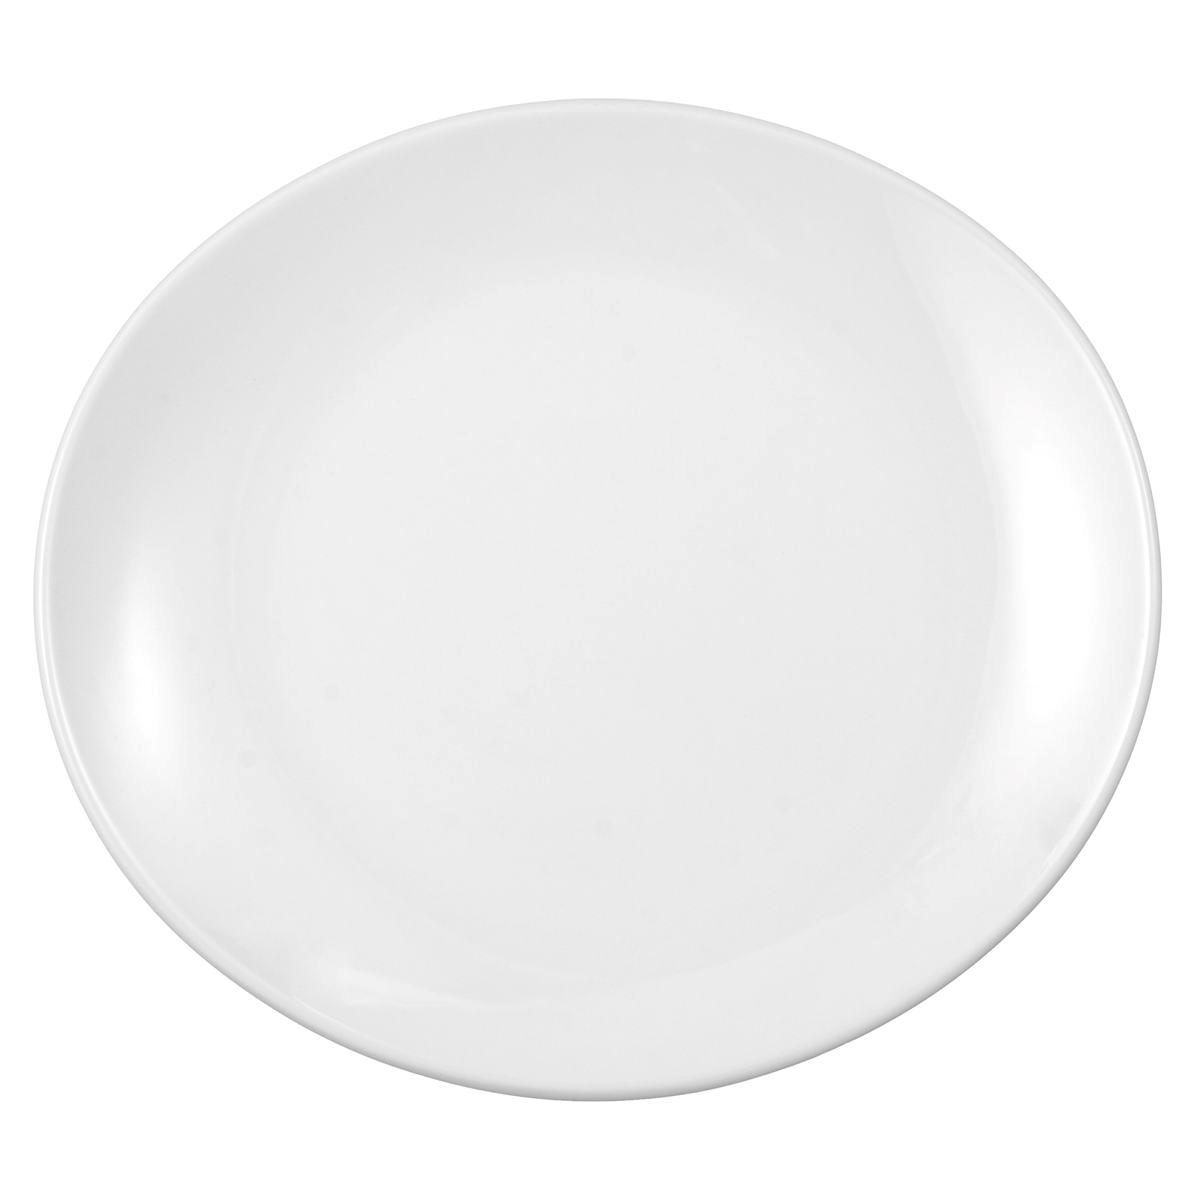 Teller oval 5195 - 25 cm - Serie Meran